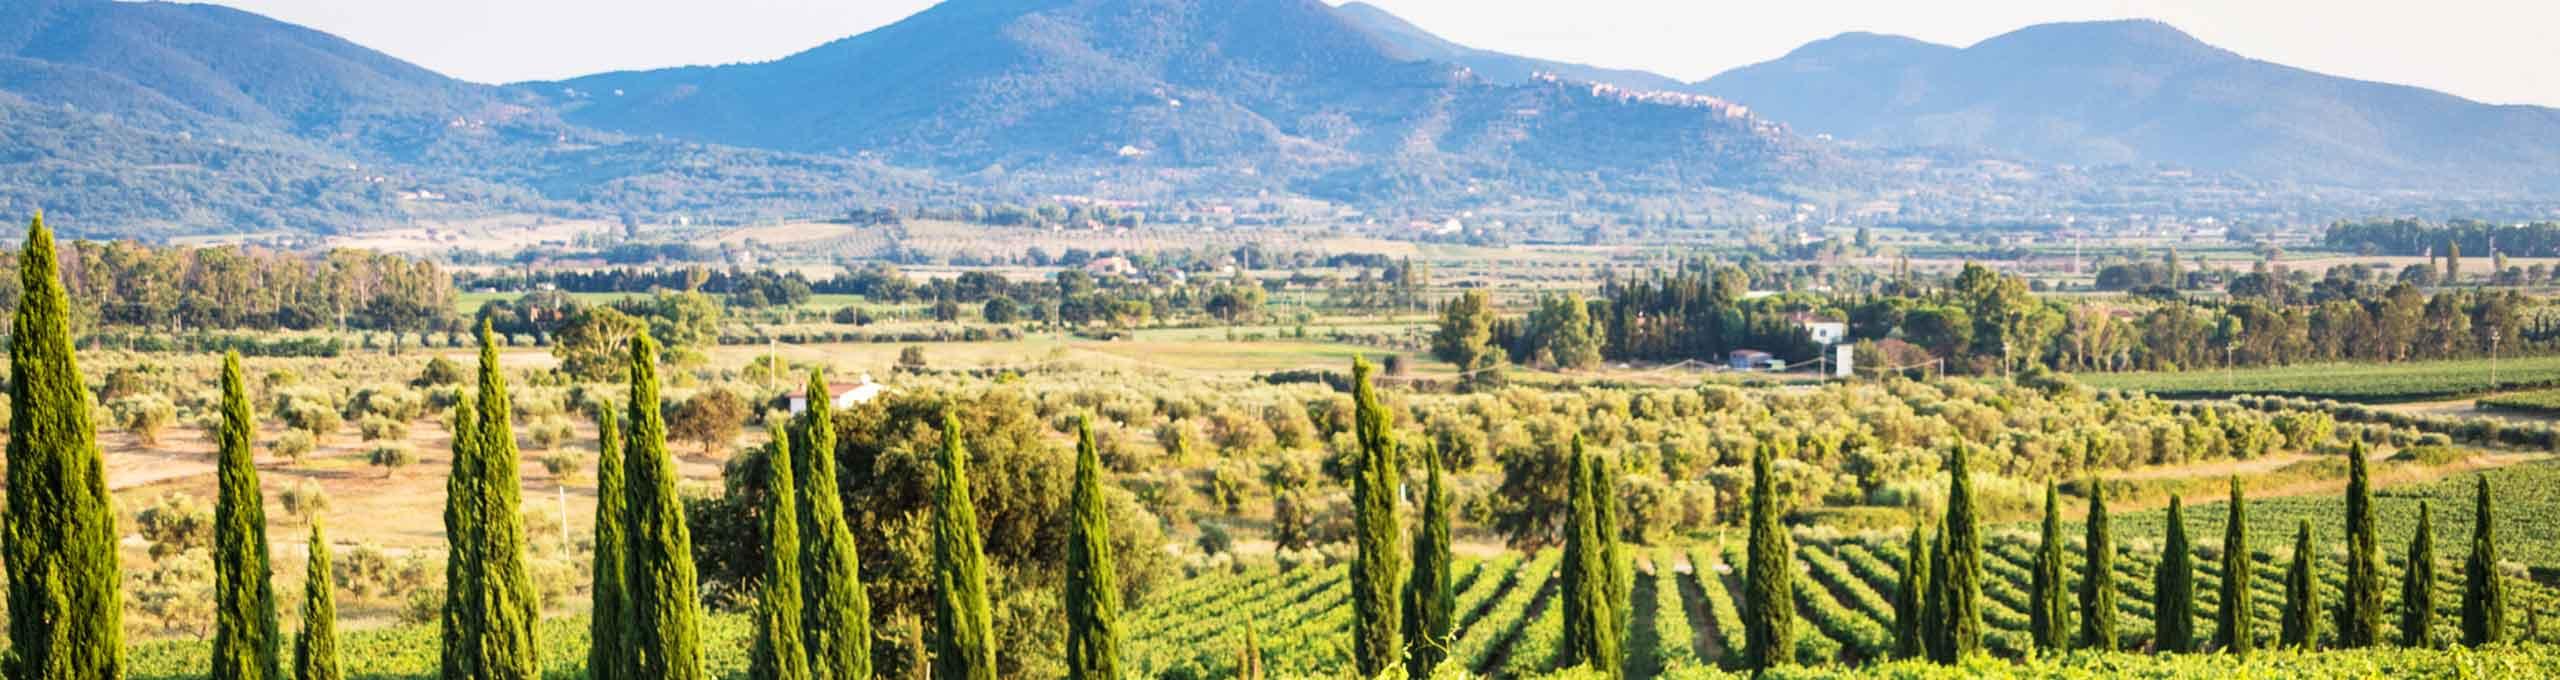 Gavorrano, Maremma Toscana